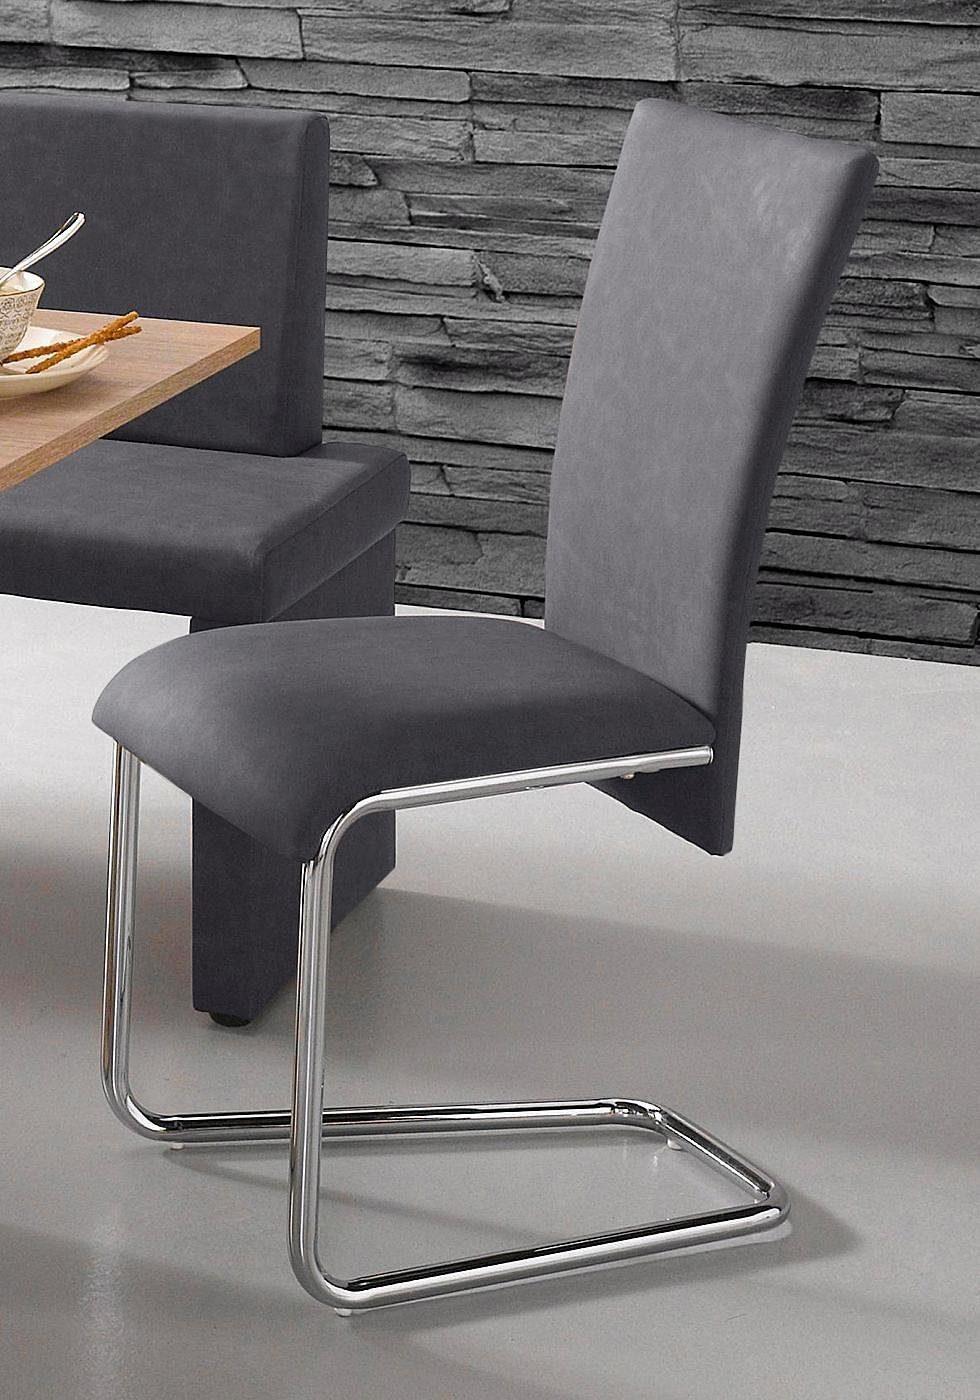 Homexperts Freischwinger, Sitzhöhe ca. 48,5 cm online kaufen   OTTO